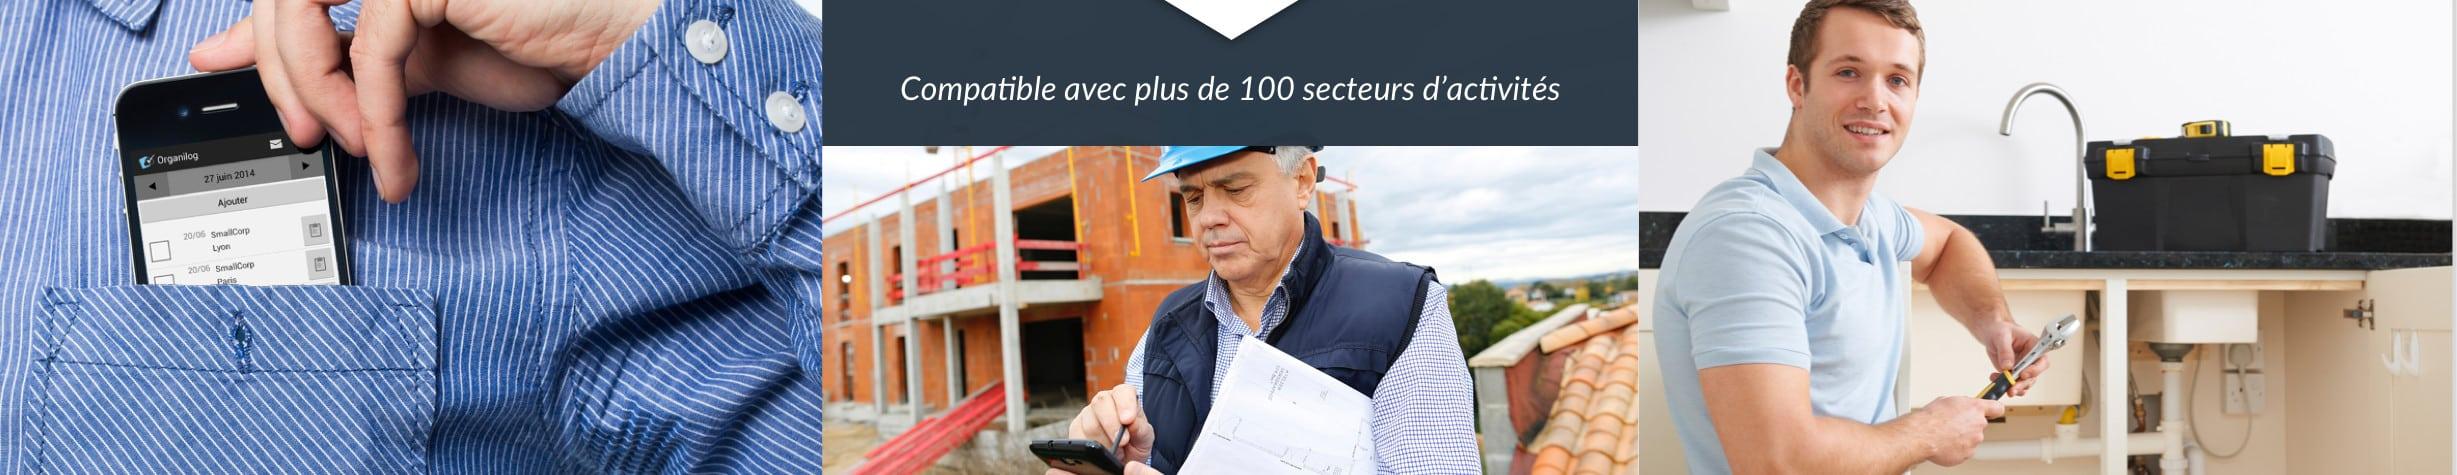 Organilog est compatible avec plus de 100 secteurs d'activités